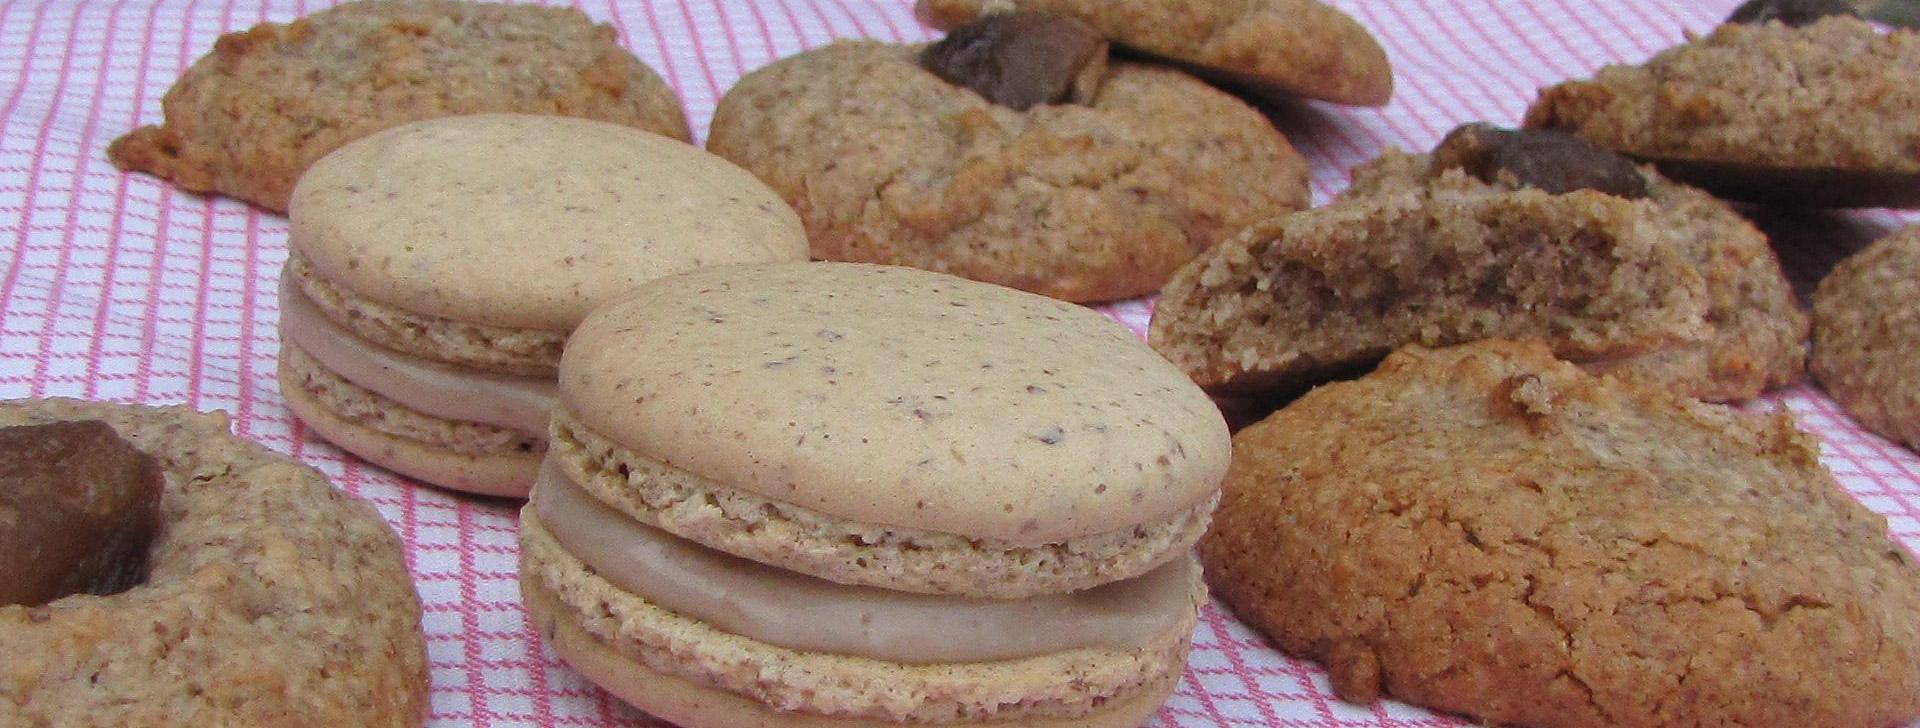 Passion-cevennes : biscuits sucrés à base de châtaigne cévenoles